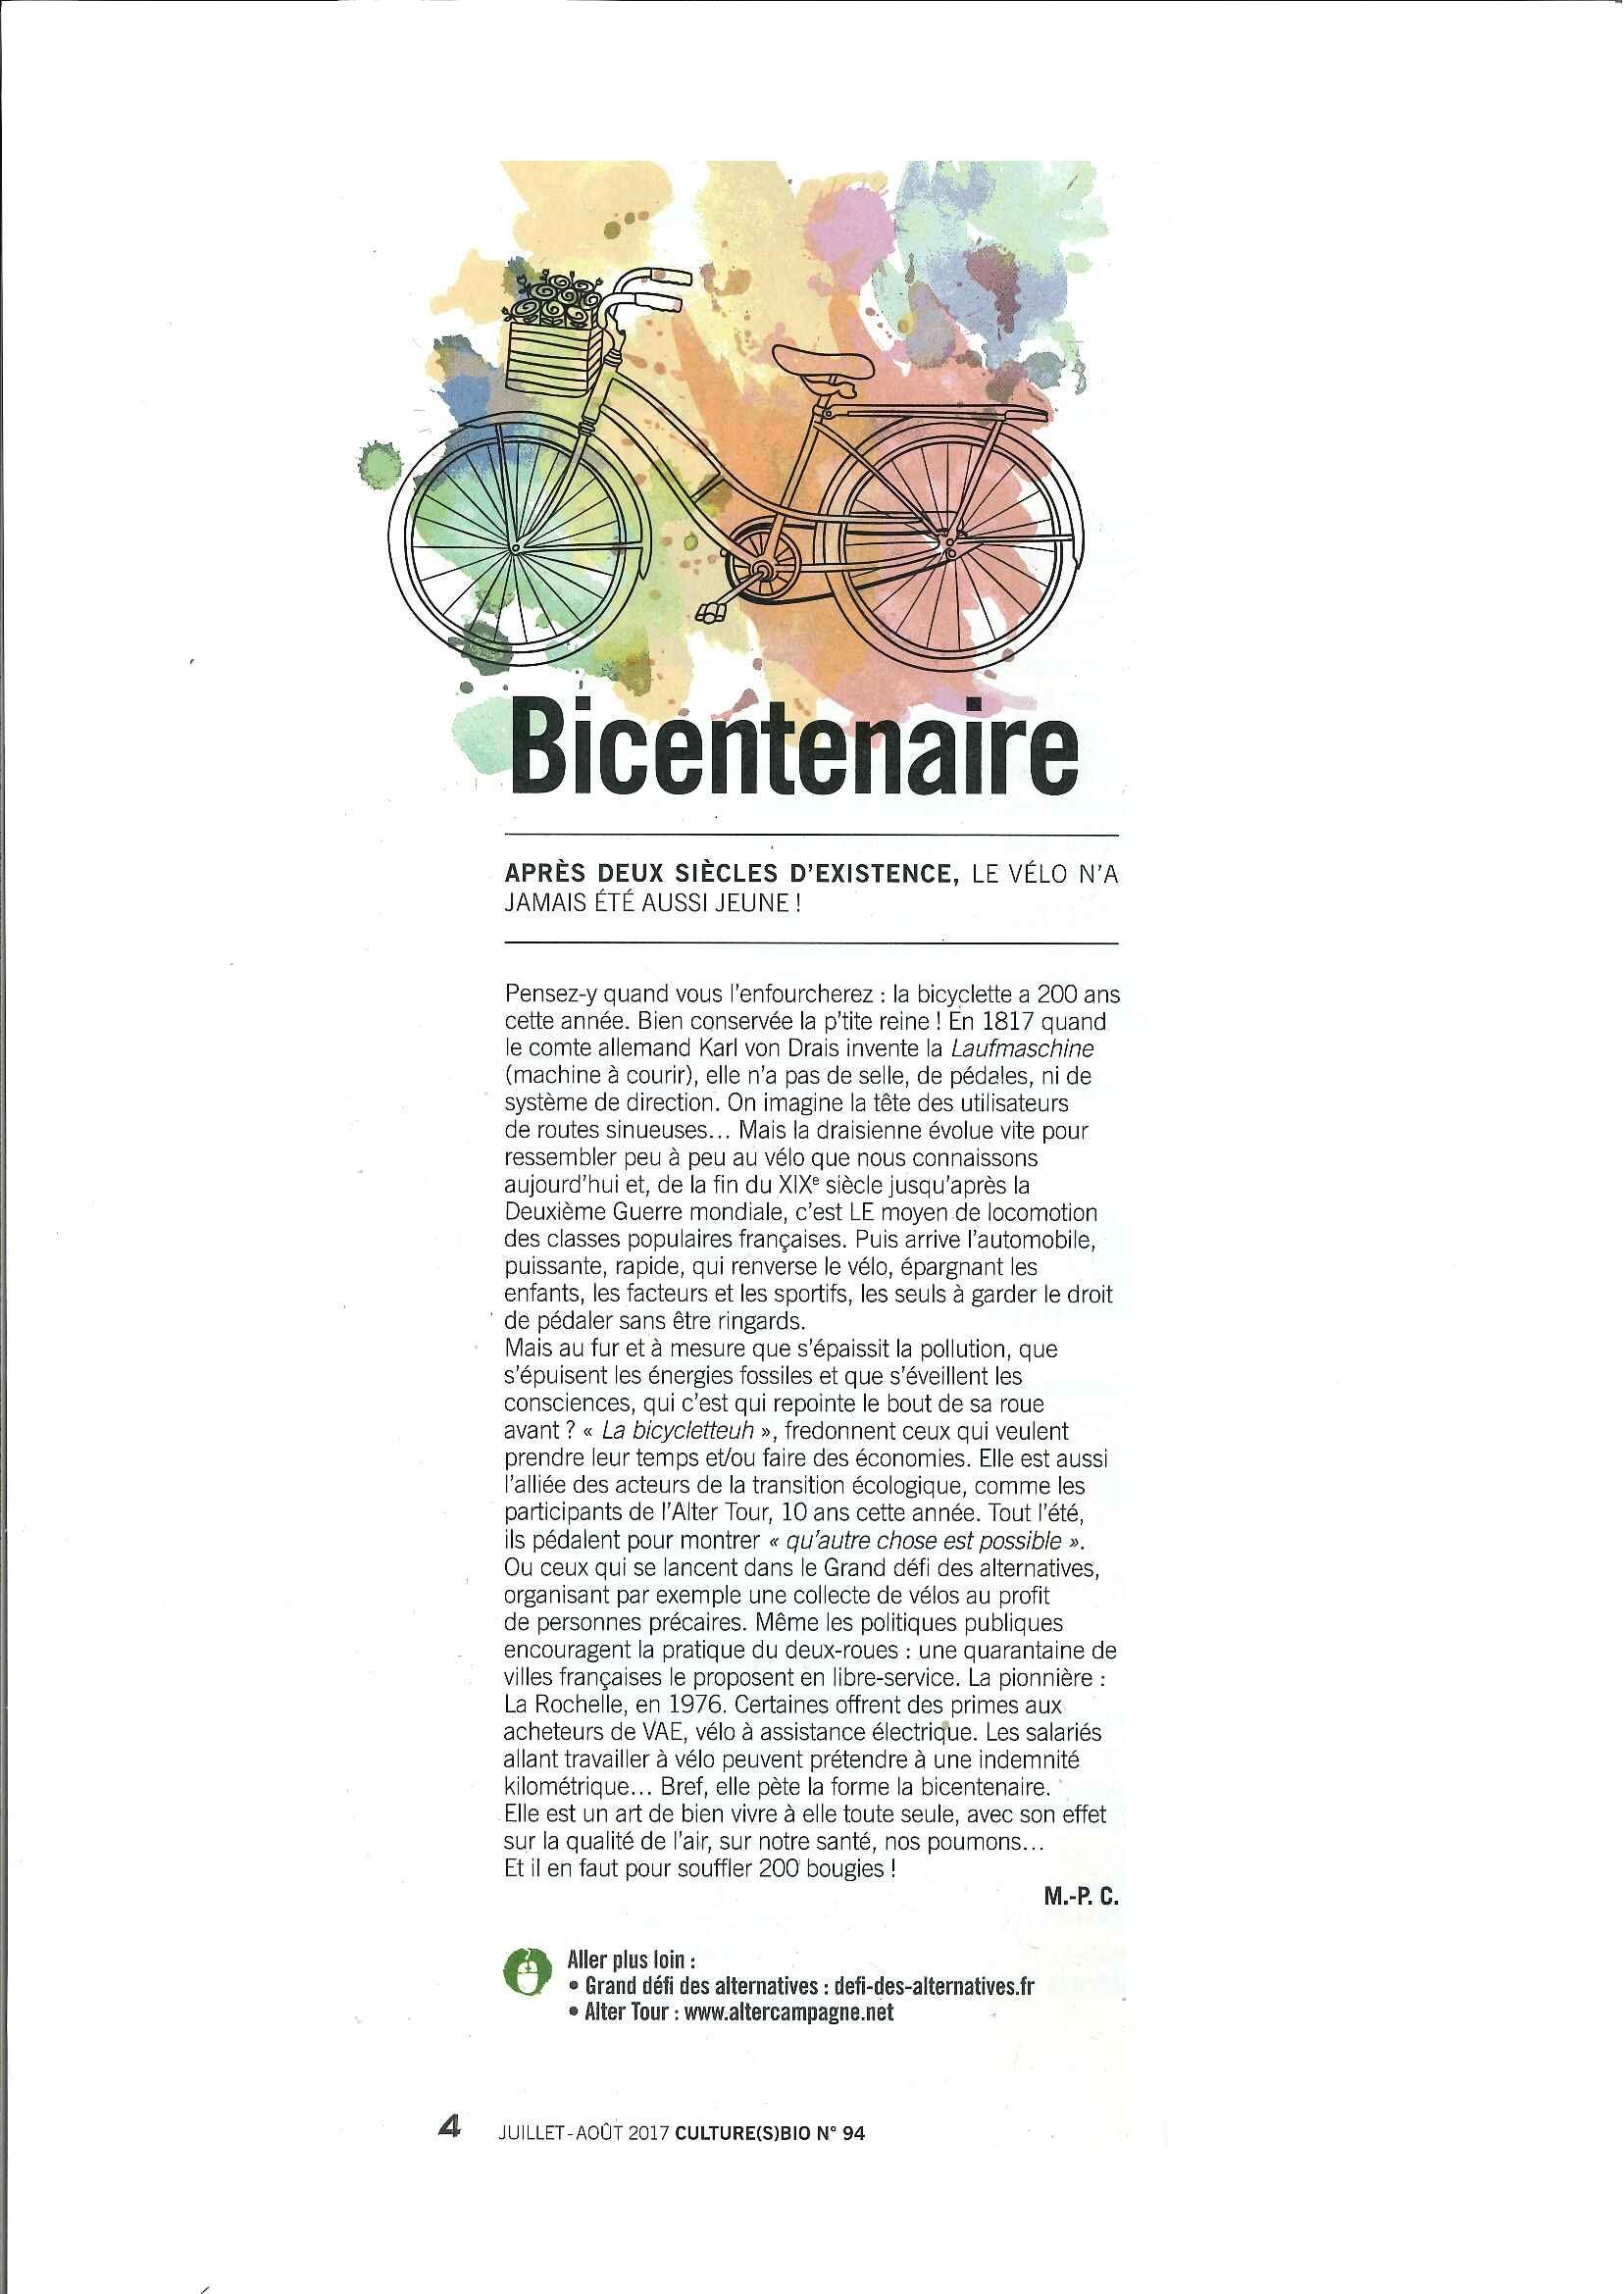 BICENTENAIRE : le vélo